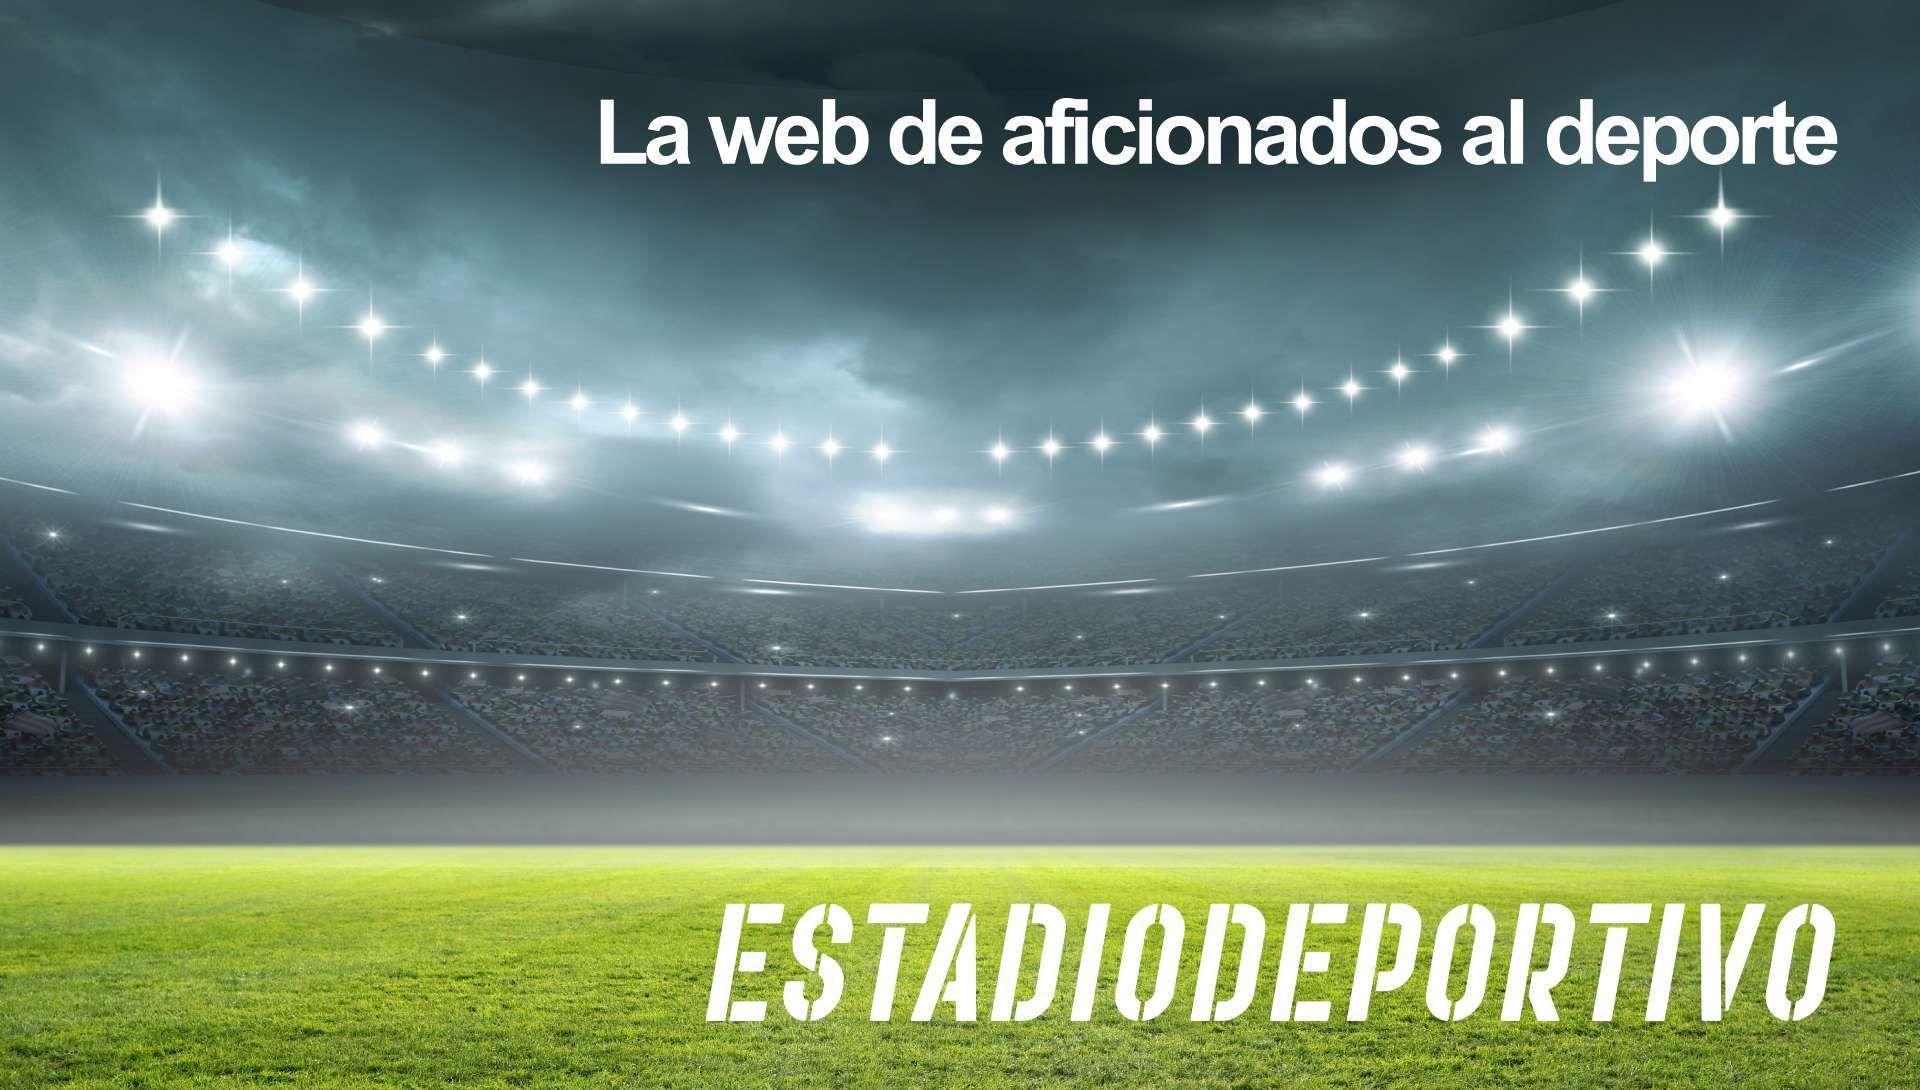 Las portadas de los diarios deportivos